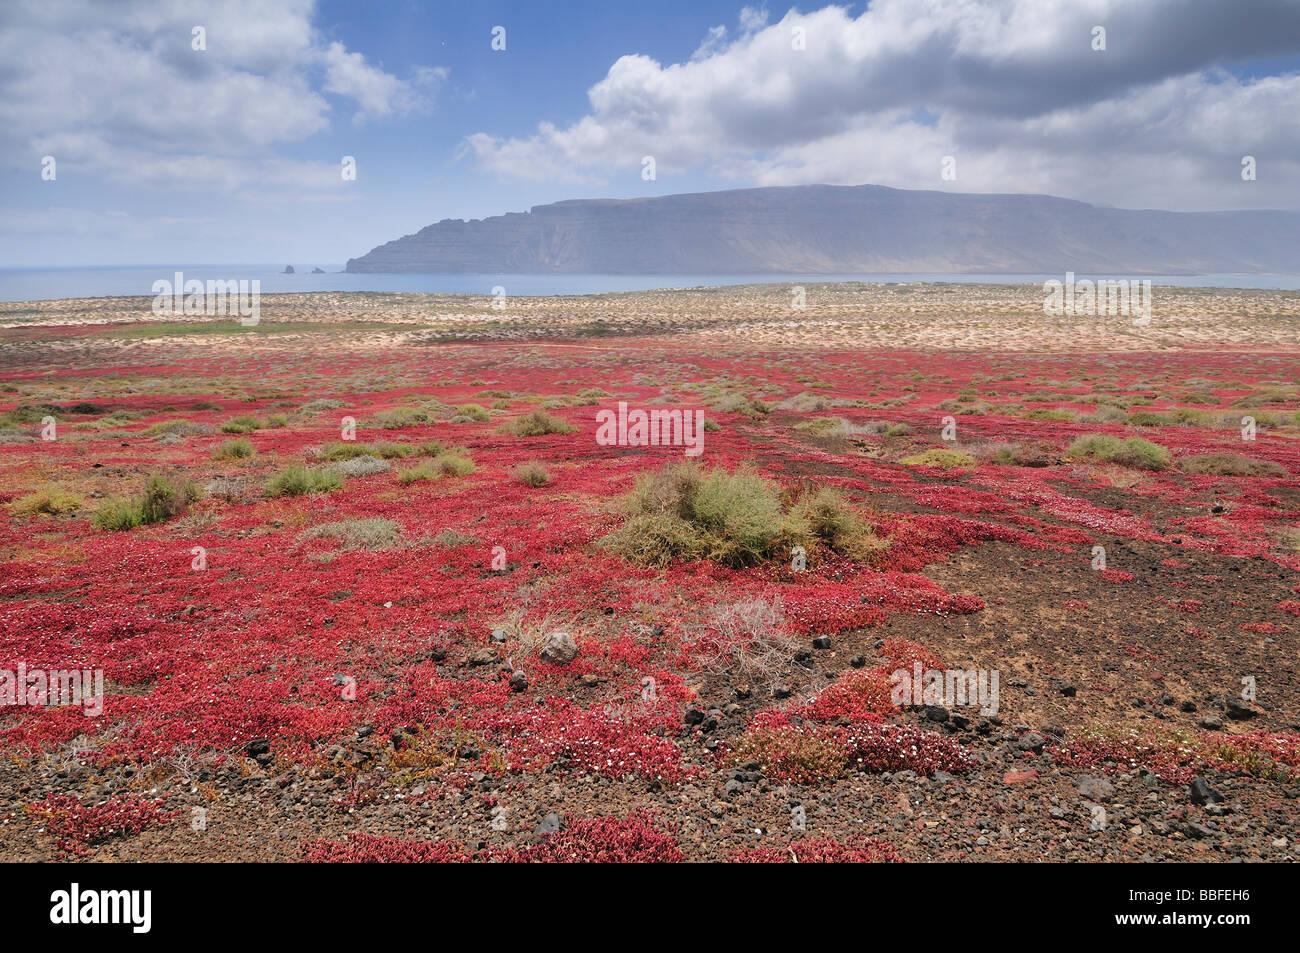 Bereich der roten Rasen auf Graciosa Insel Canarias Stockbild